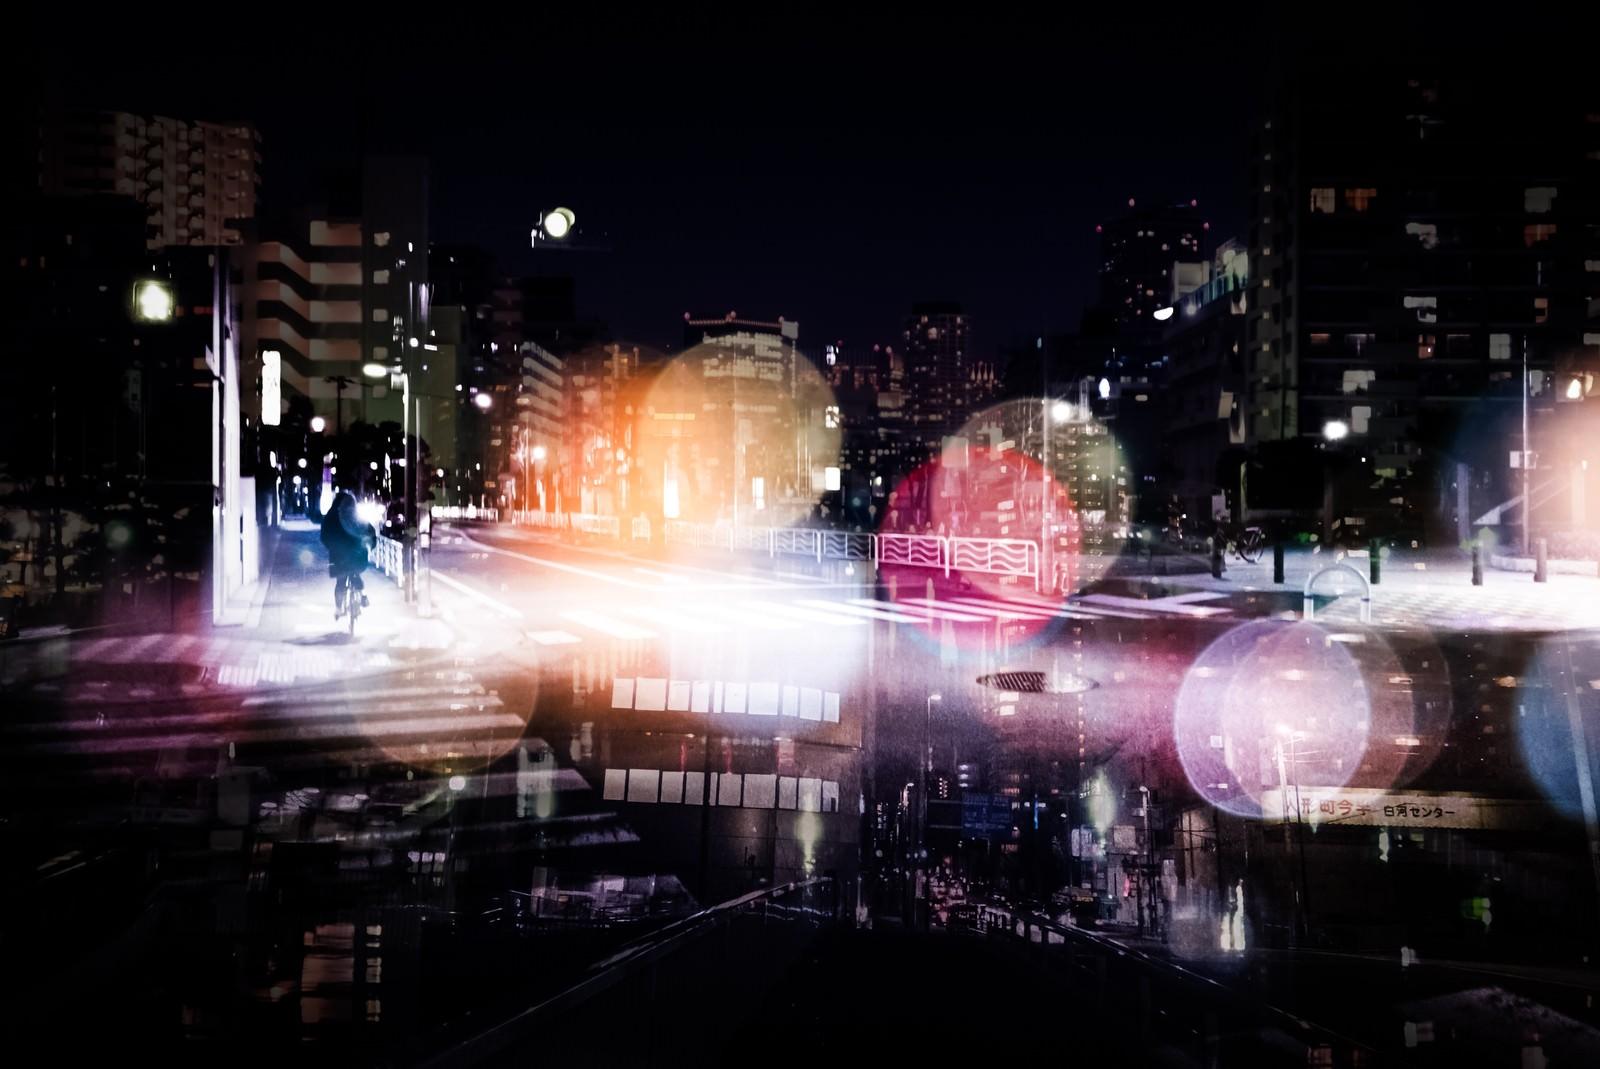 「人々の想いが錯綜する夜道(フォトモンタージュ)」の写真